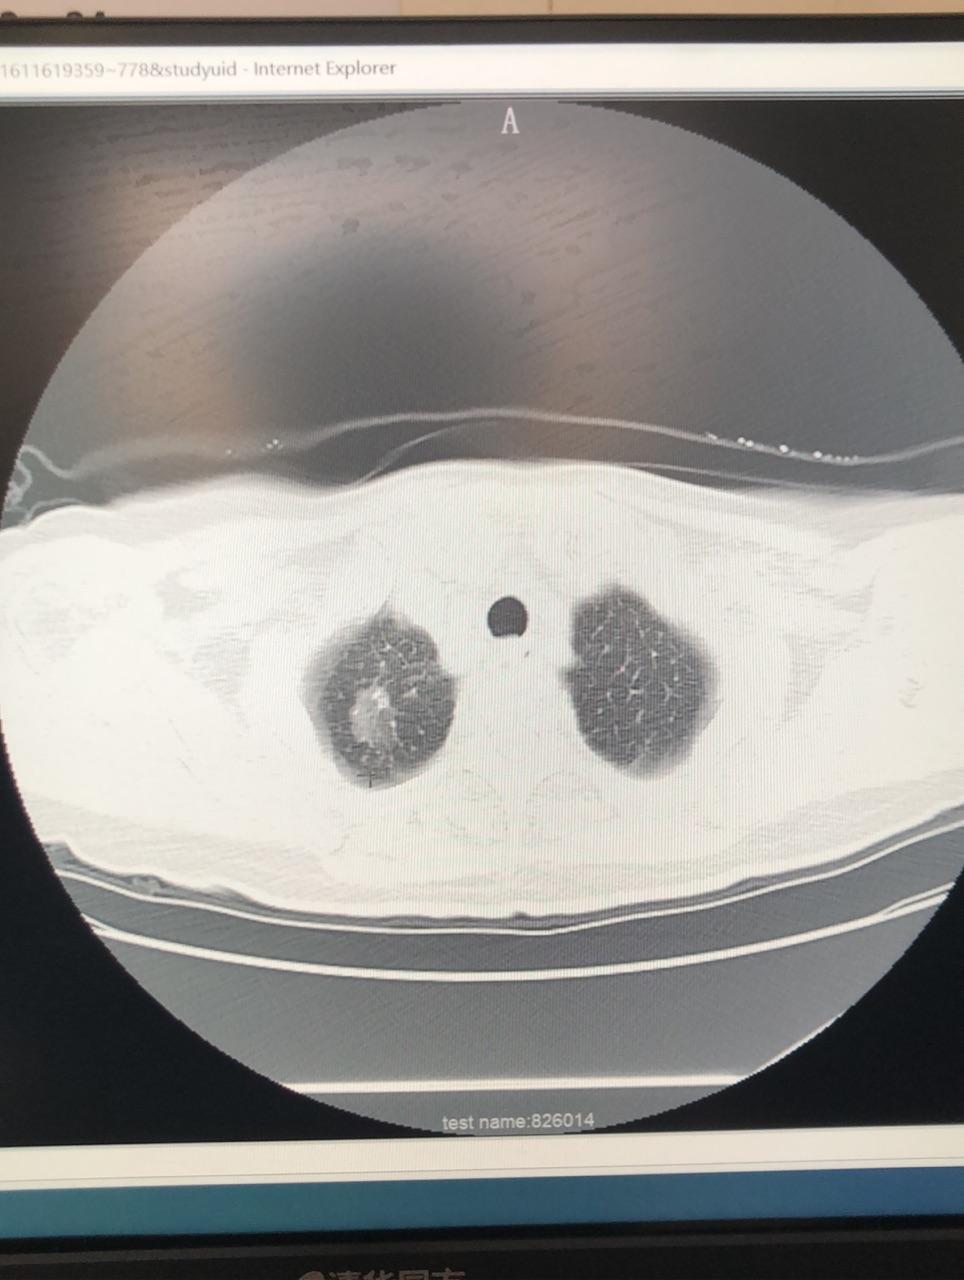 成都市新津区人民医院心胸外科团队率先开展全区首例胸腔镜下肺结节手术